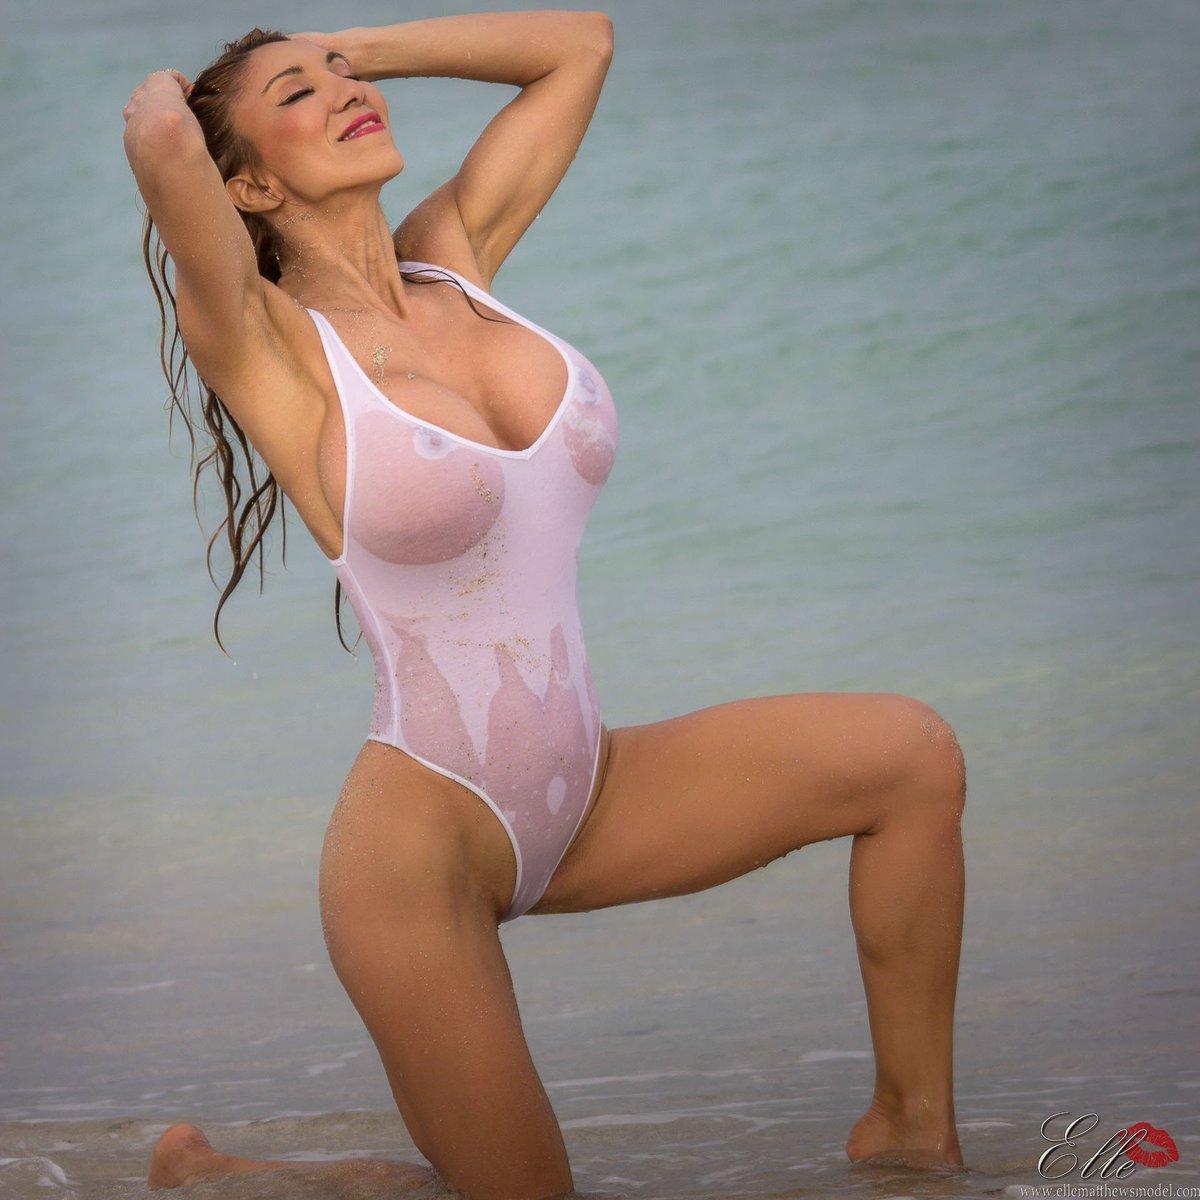 elle matthews nude